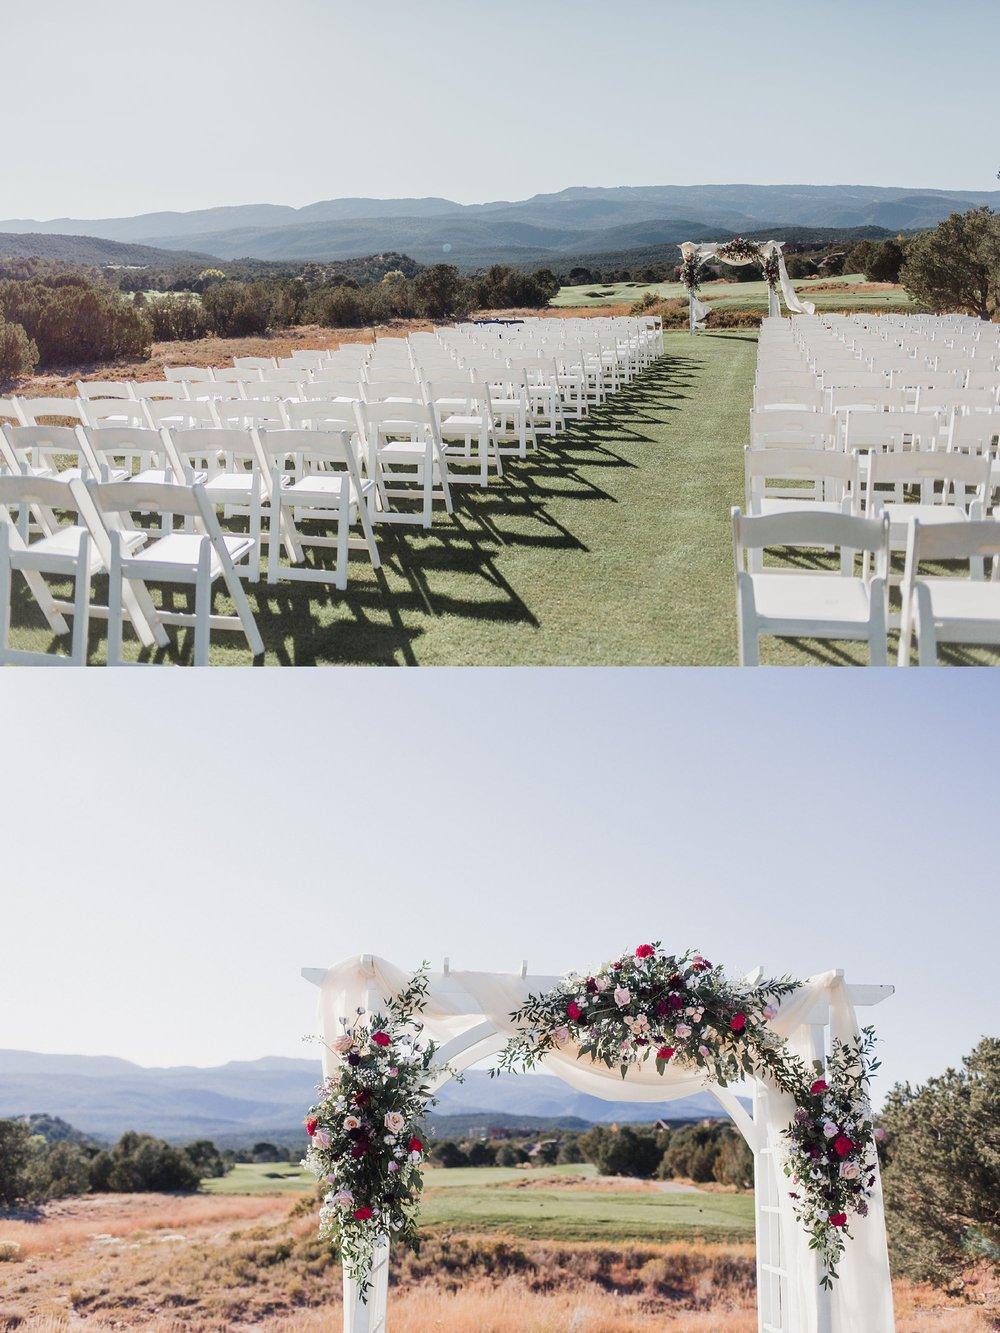 Alicia+lucia+photography+-+albuquerque+wedding+photographer+-+santa+fe+wedding+photography+-+new+mexico+wedding+photographer+-+wedding+ceremony+-+wedding+alter+-+floral+alter_0048.jpg